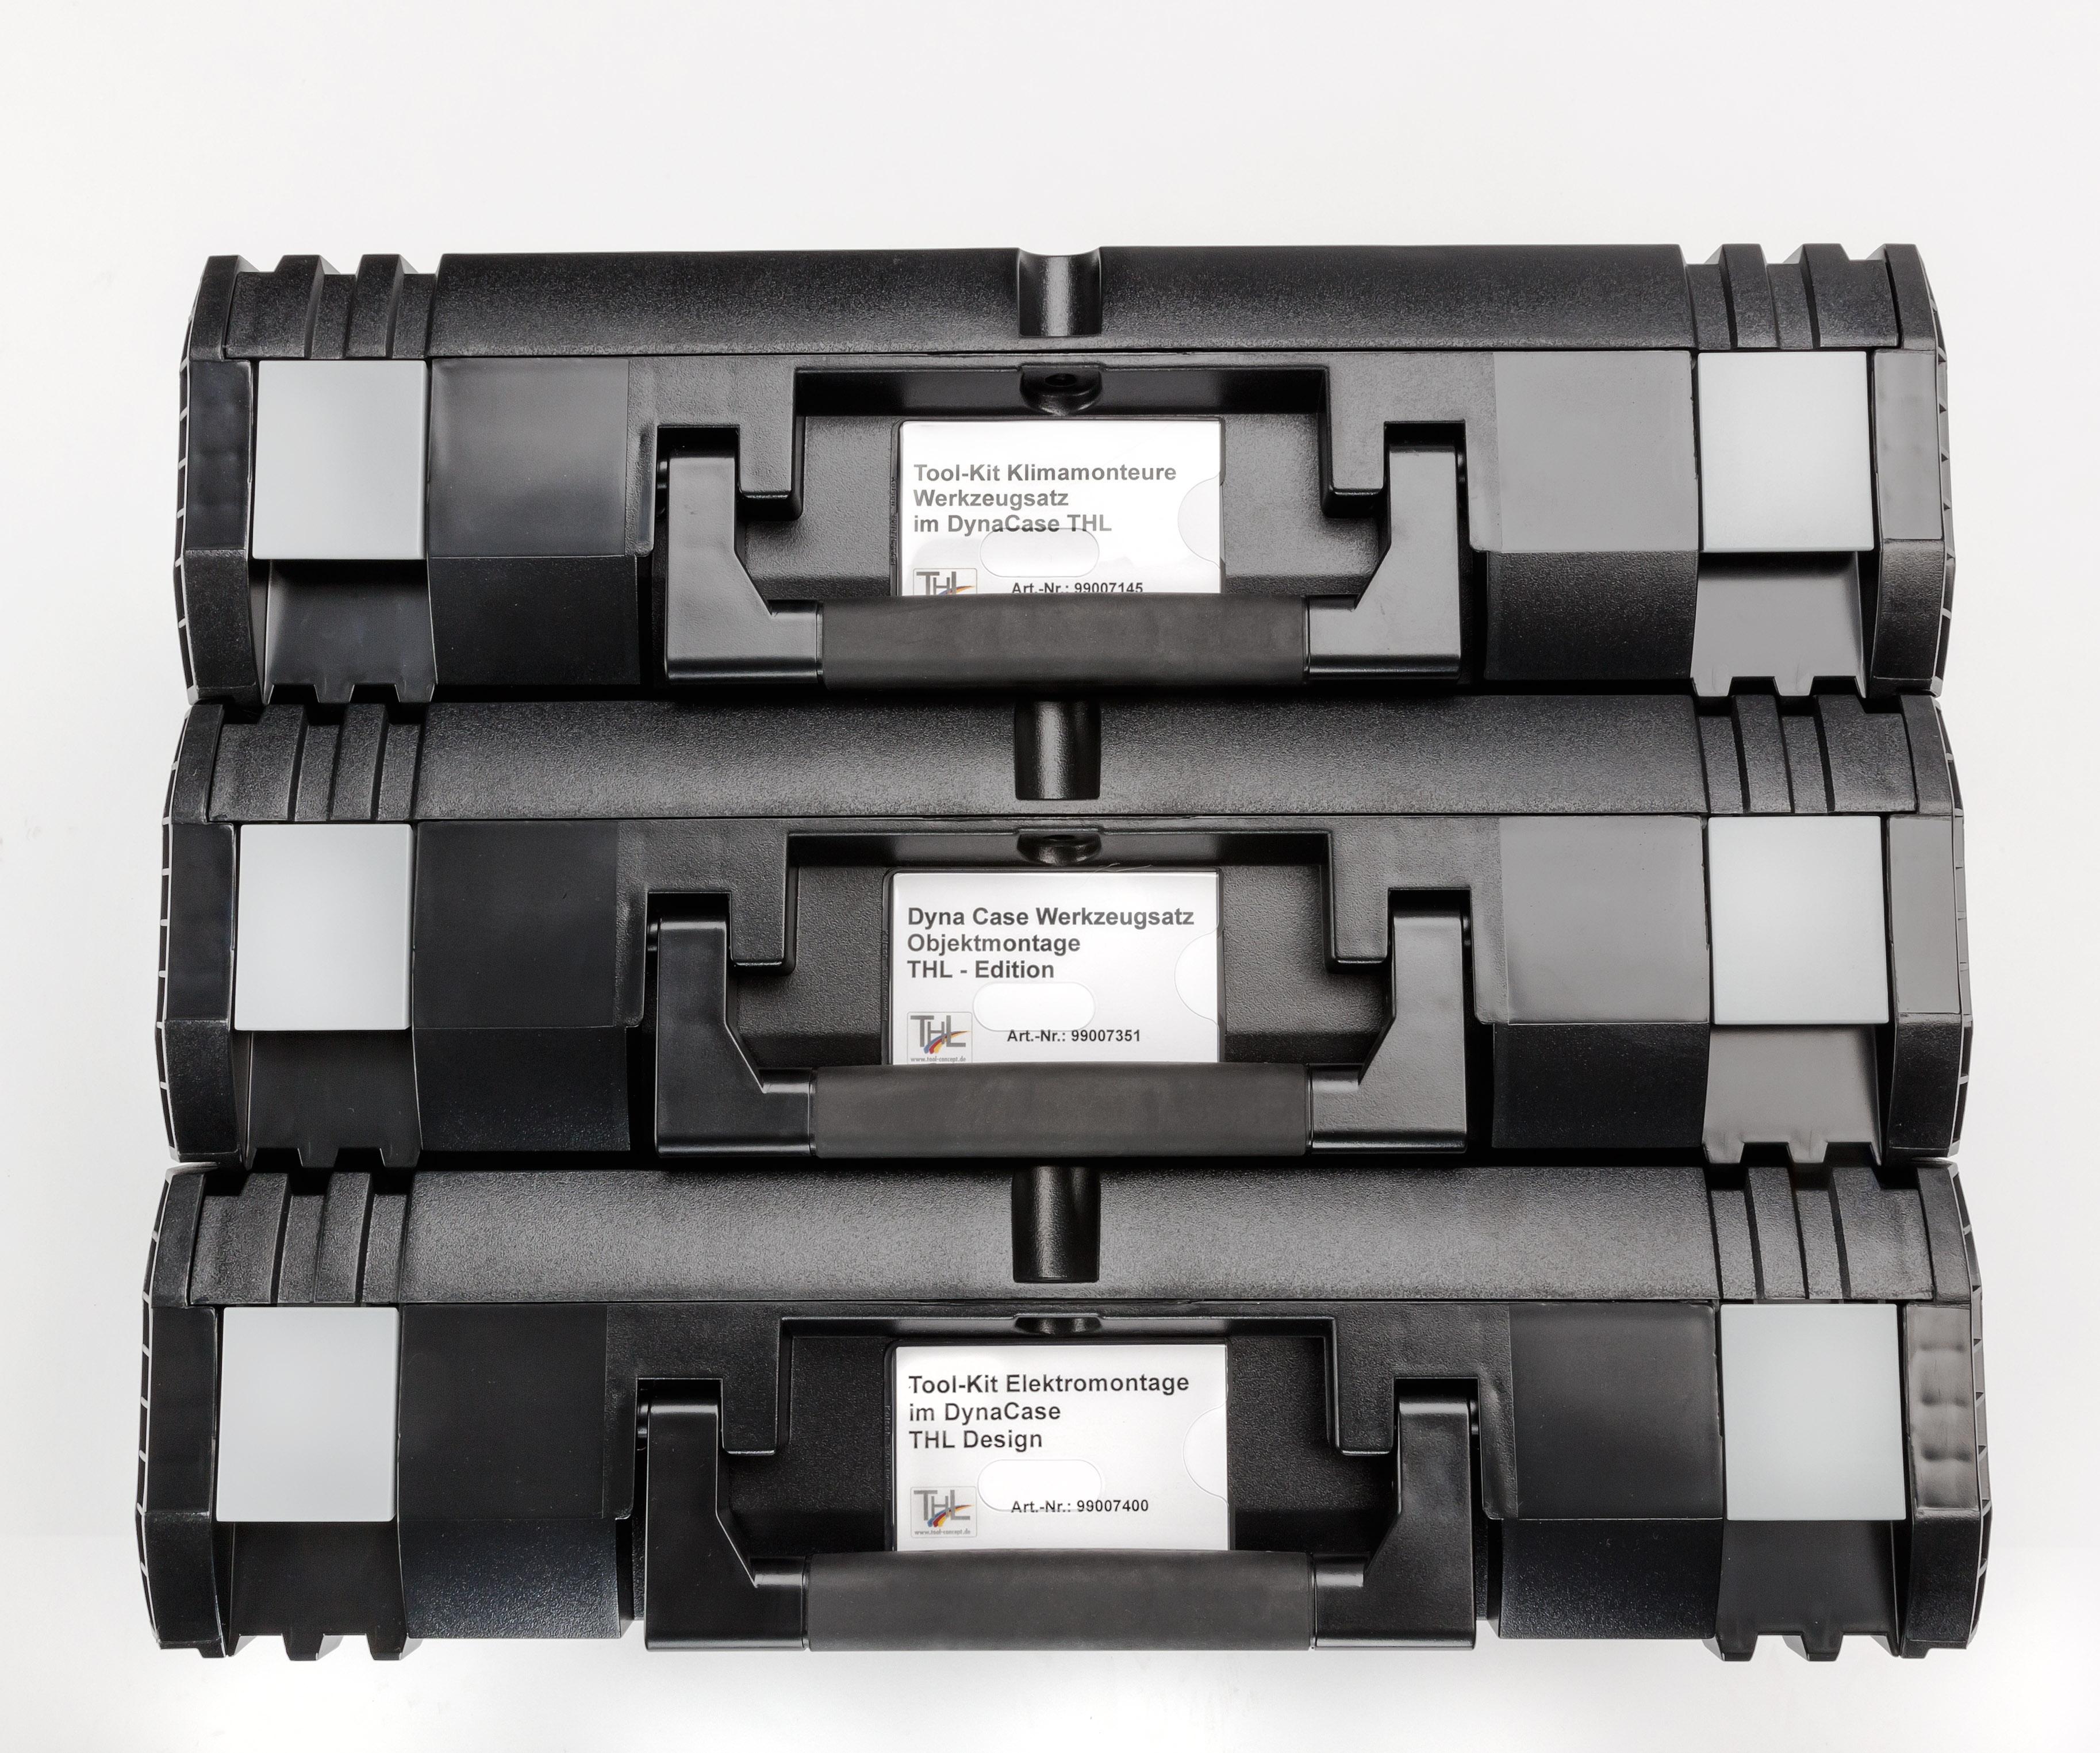 Beschriftungsfeld zur sicheren Identifikation Ihres Werkzeugkoffers